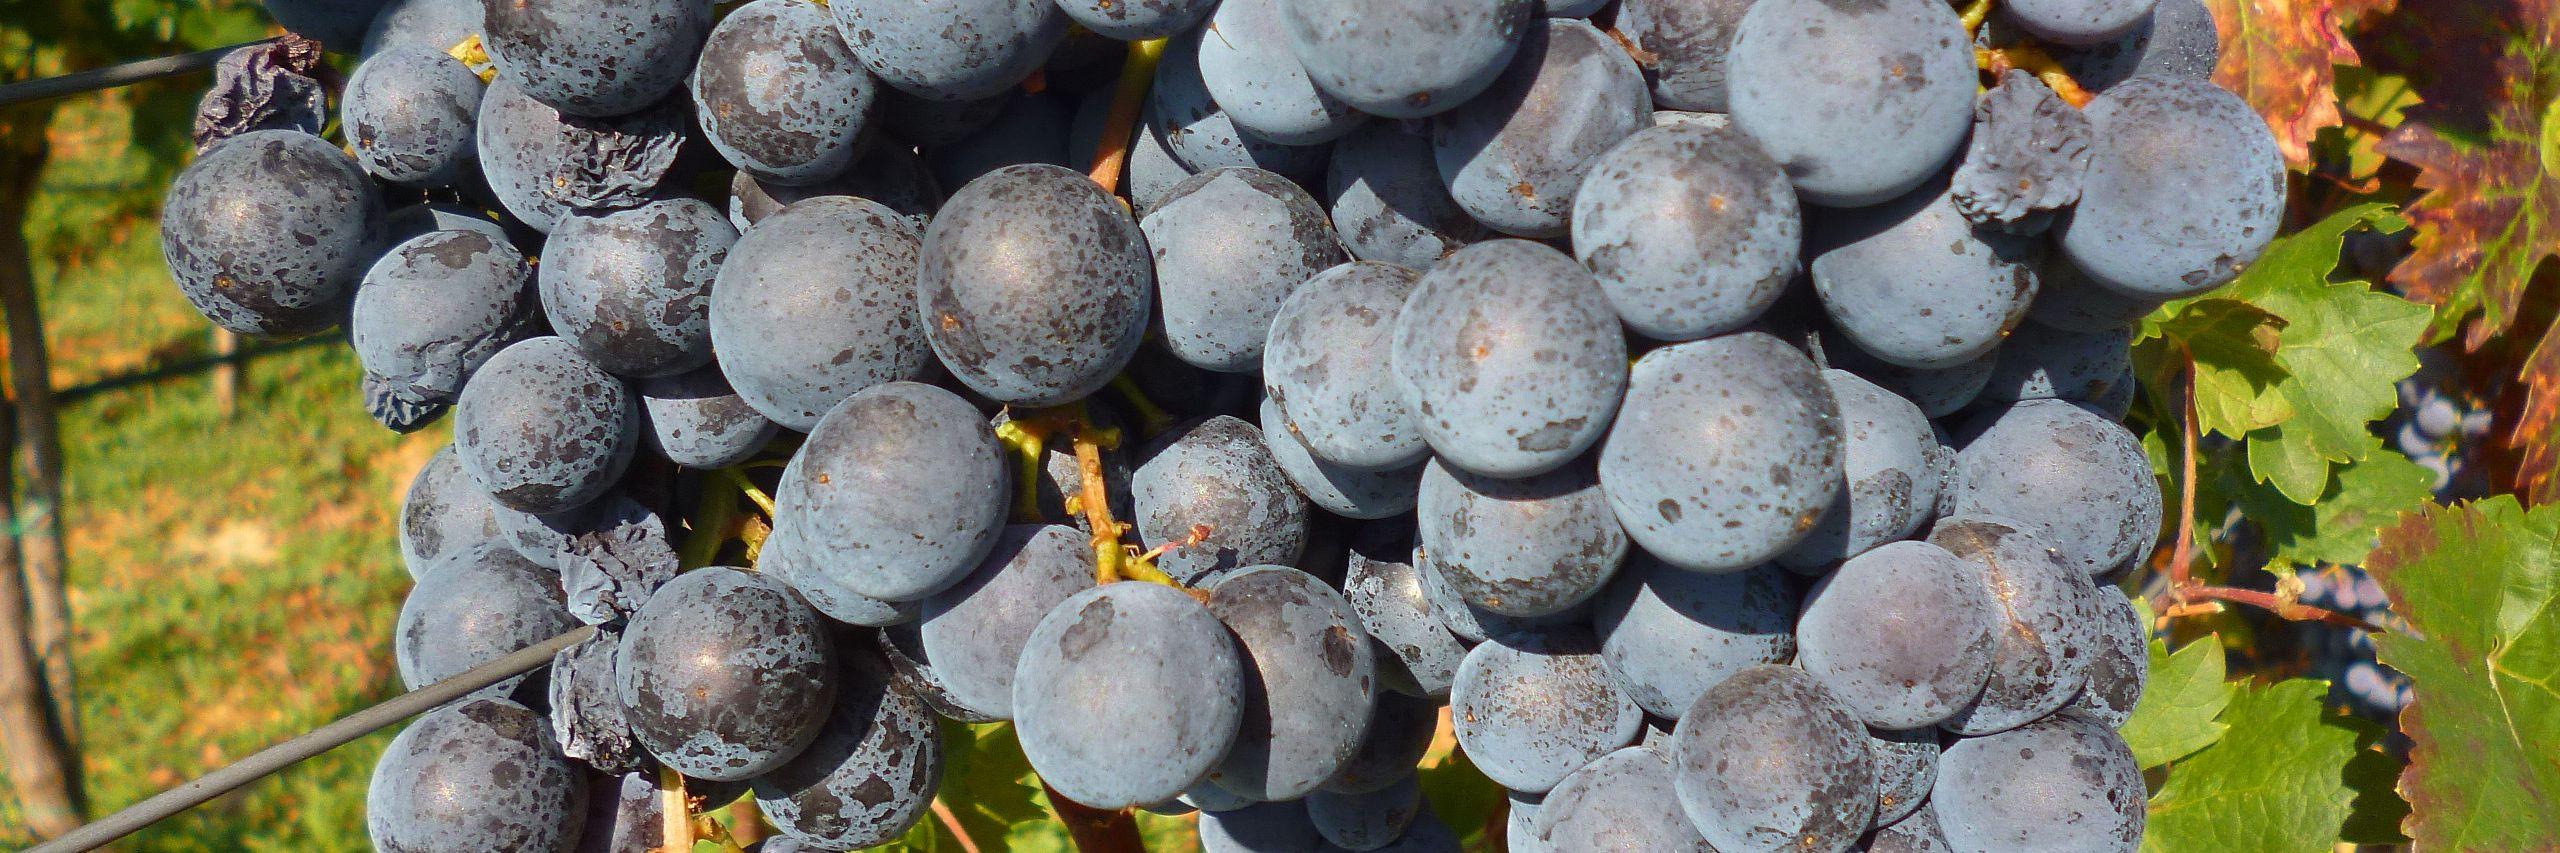 Вино и ракия. Фото: Елена Арсениевич, CC BY-SA 3.0